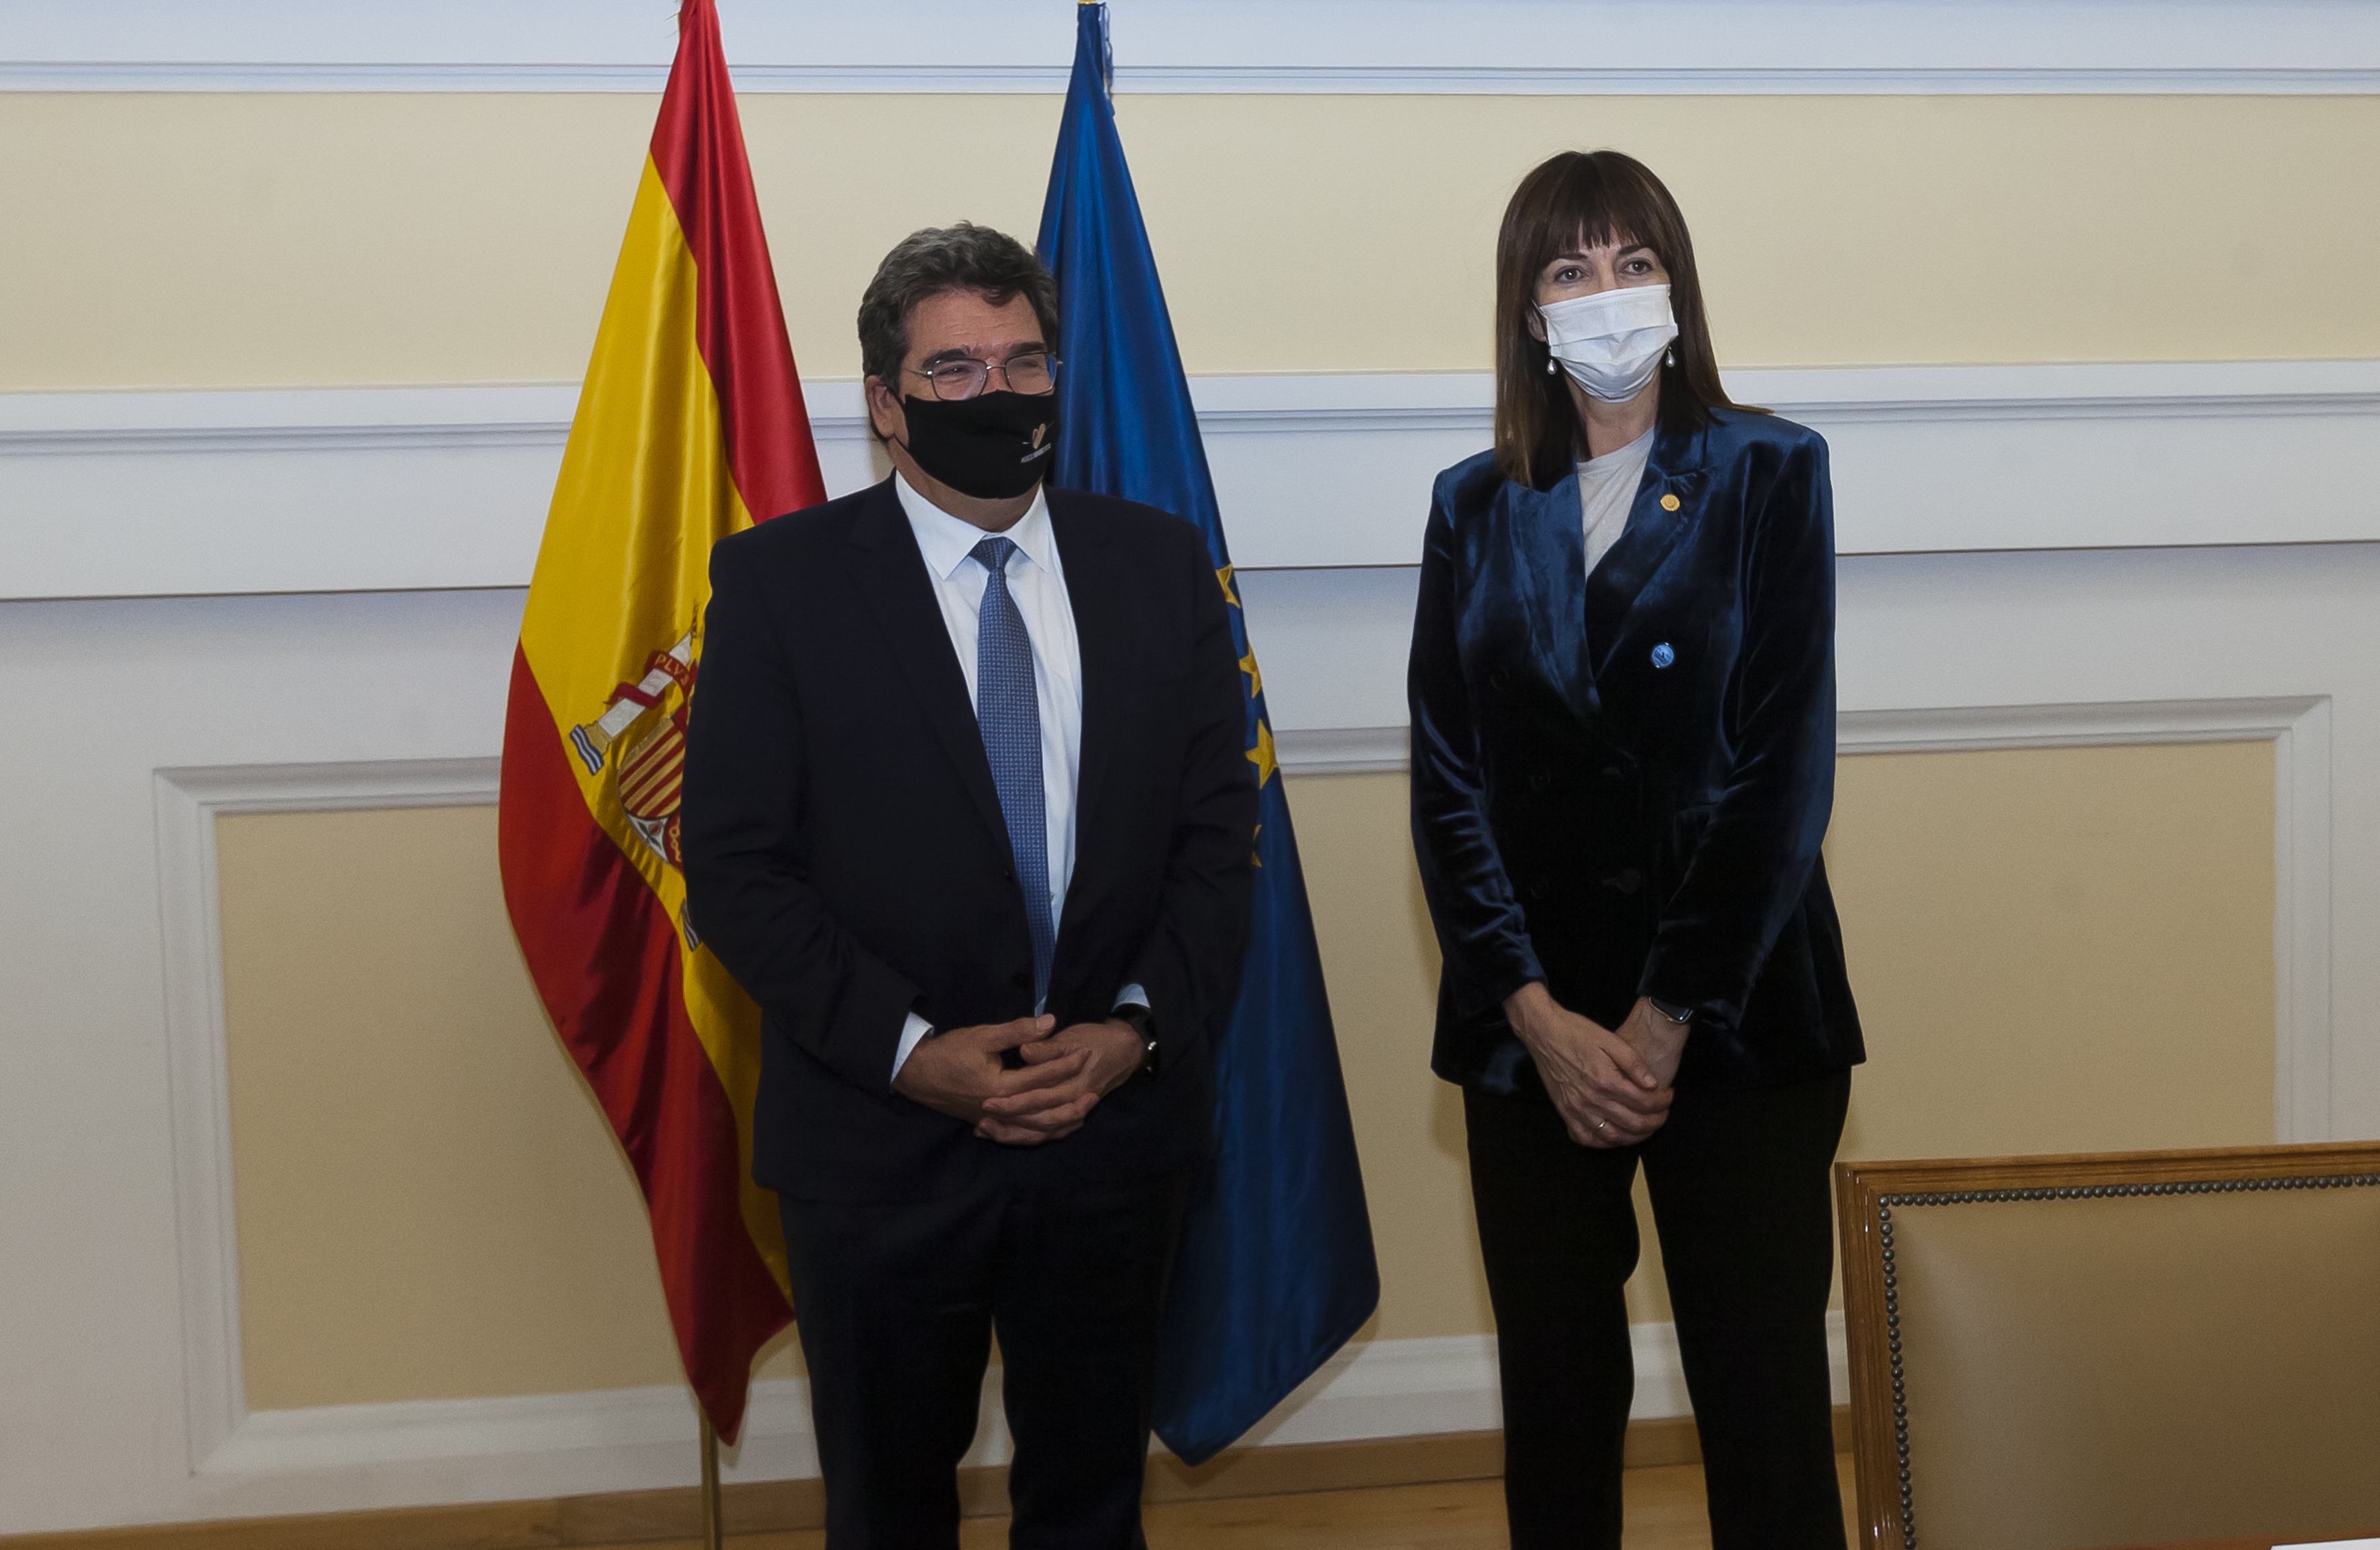 La vicelehendakari cierra con el ministro Escrivá el grupo de trabajo que avanzará en la transferencia del IMV